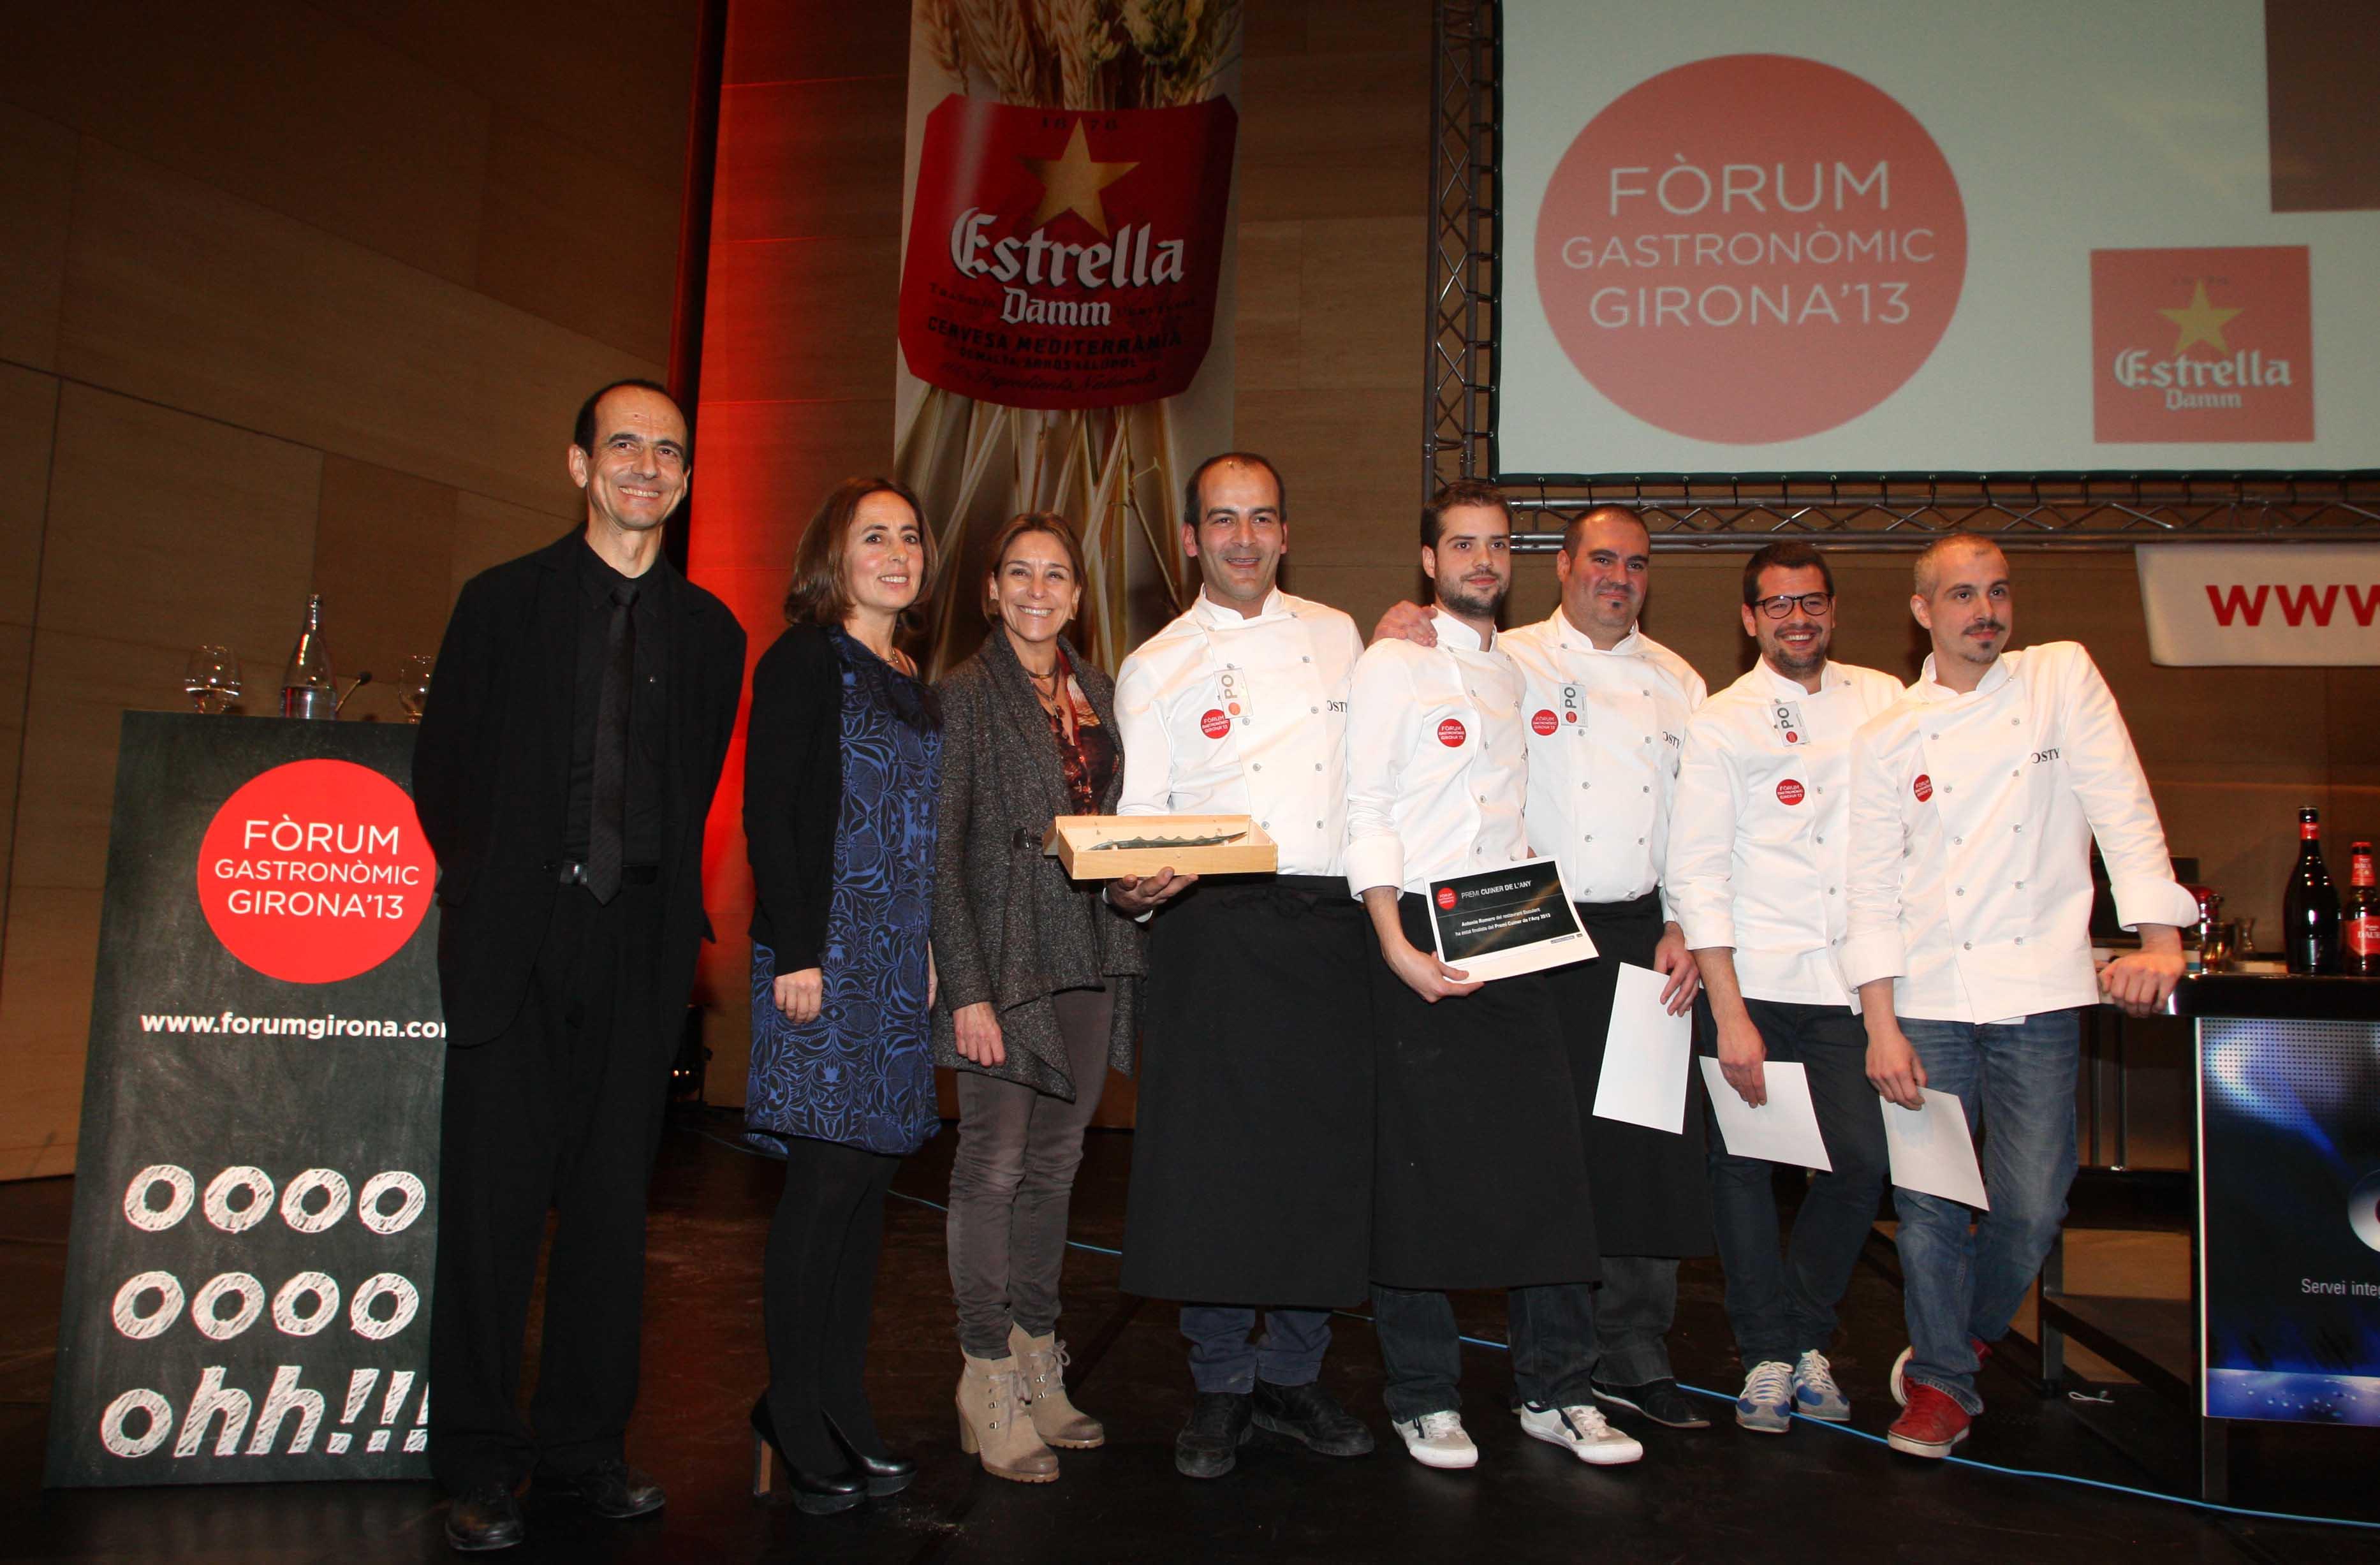 P Duran Fo?rum Gastrono?mic de Girona 2013. FOTO: PERE DURAN